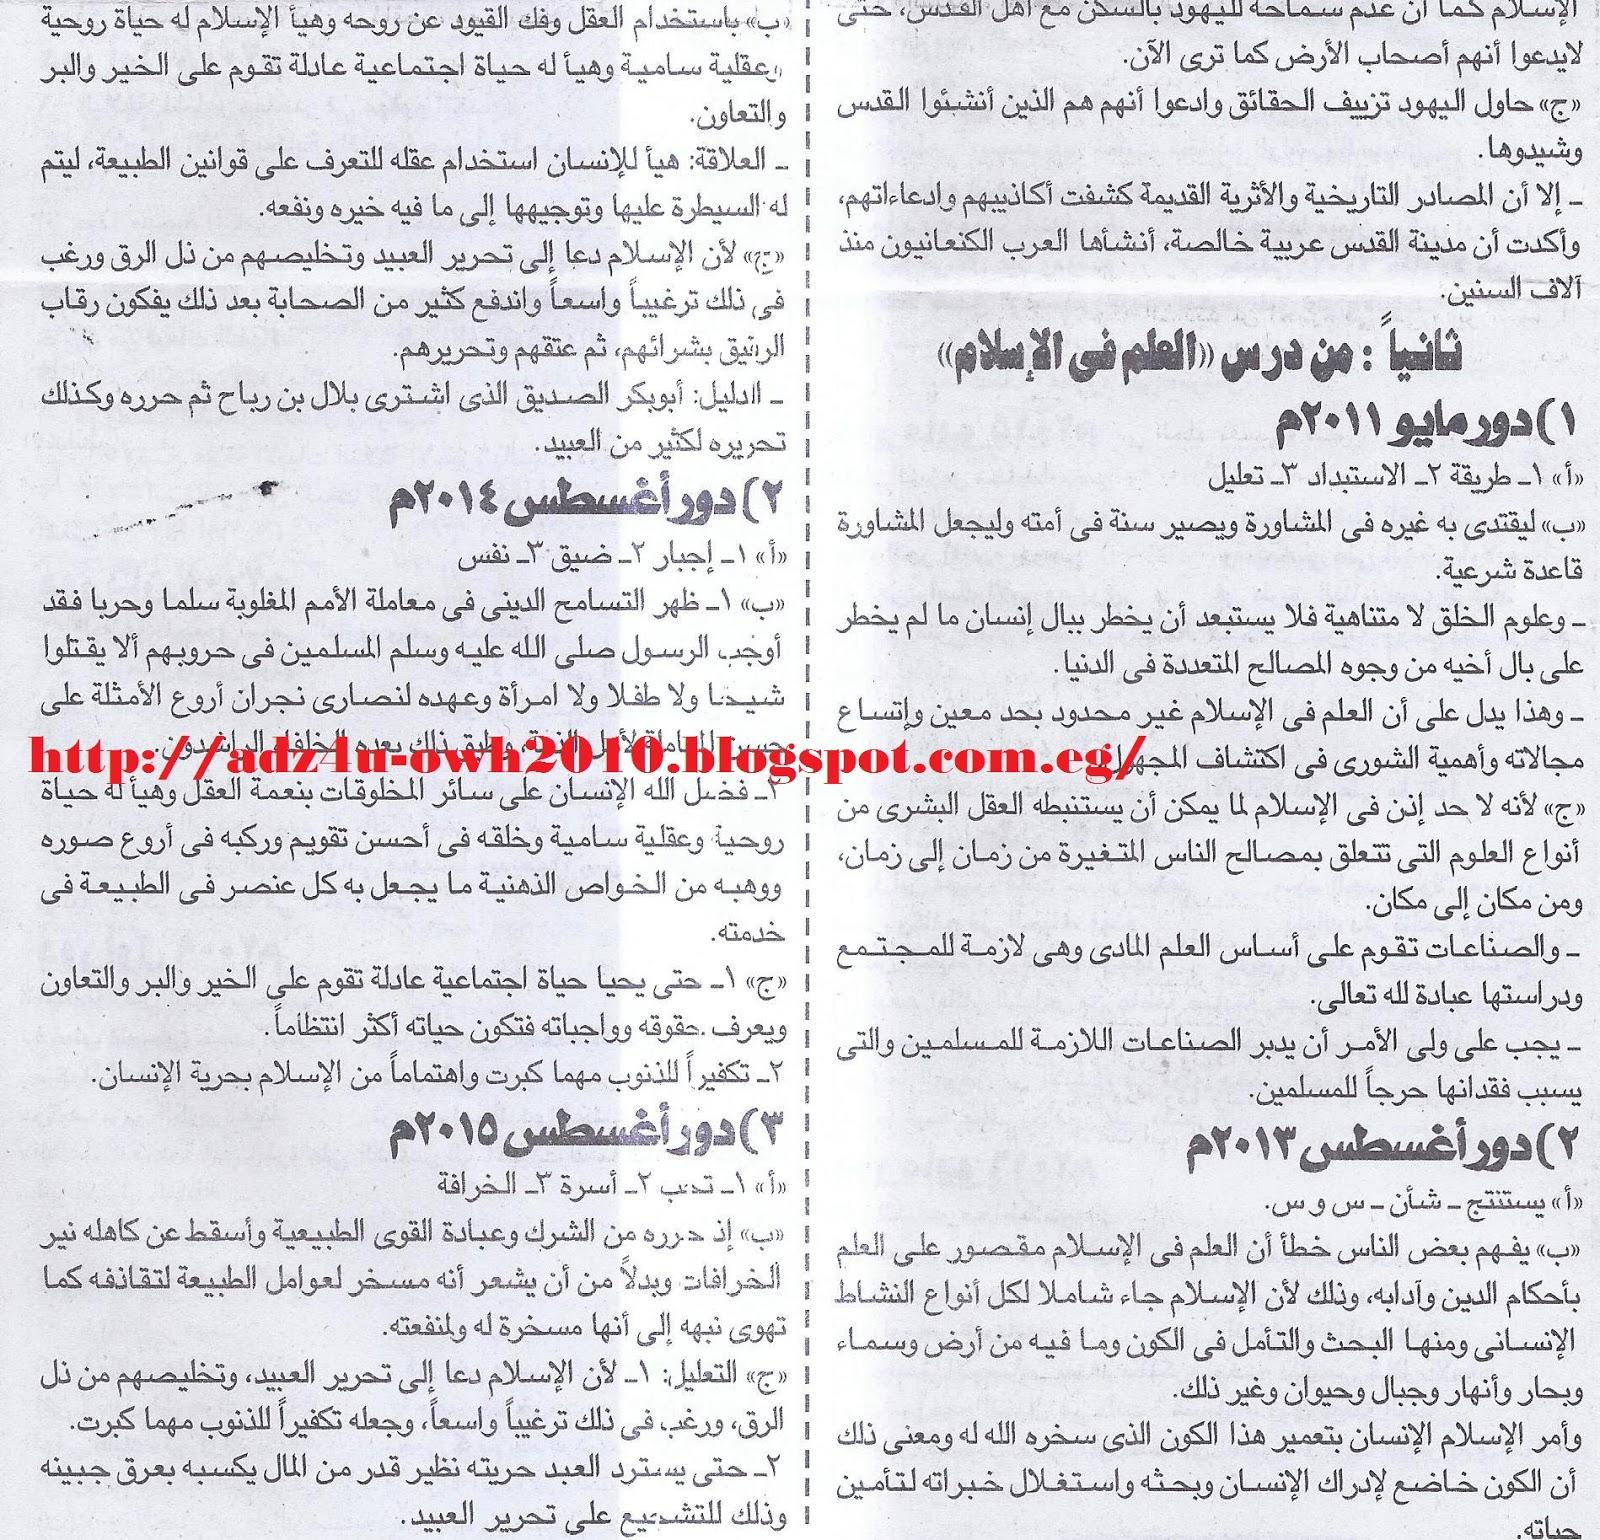 مراجعة وتوقعات ملحق الجمهورية الاخيرة في اللغة العربية للثانوية العامة 7